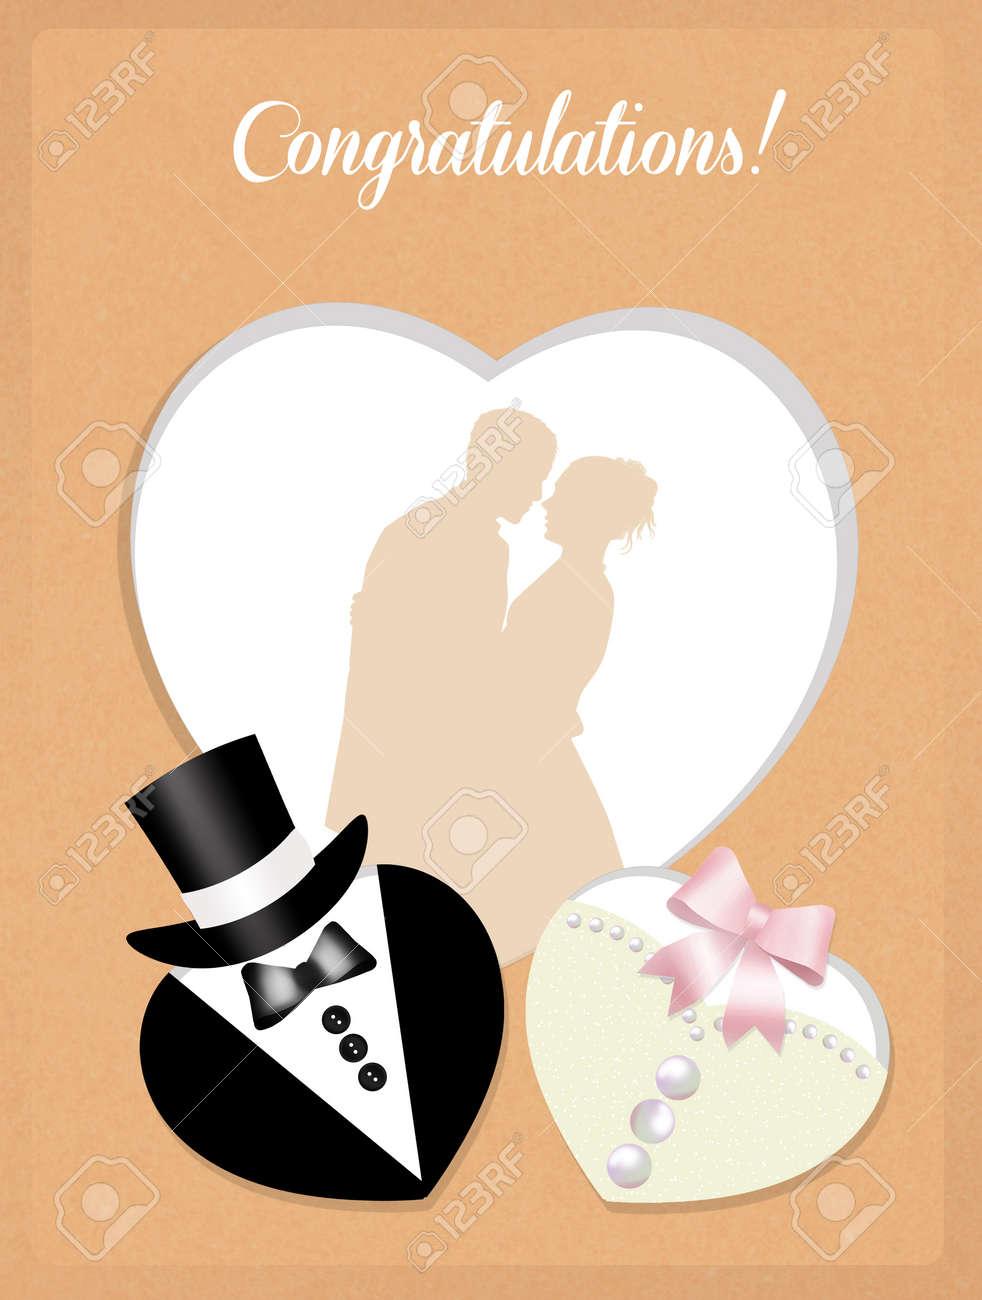 Herzlichen Gluckwunsch Zur Hochzeit Lizenzfreie Fotos Bilder Und